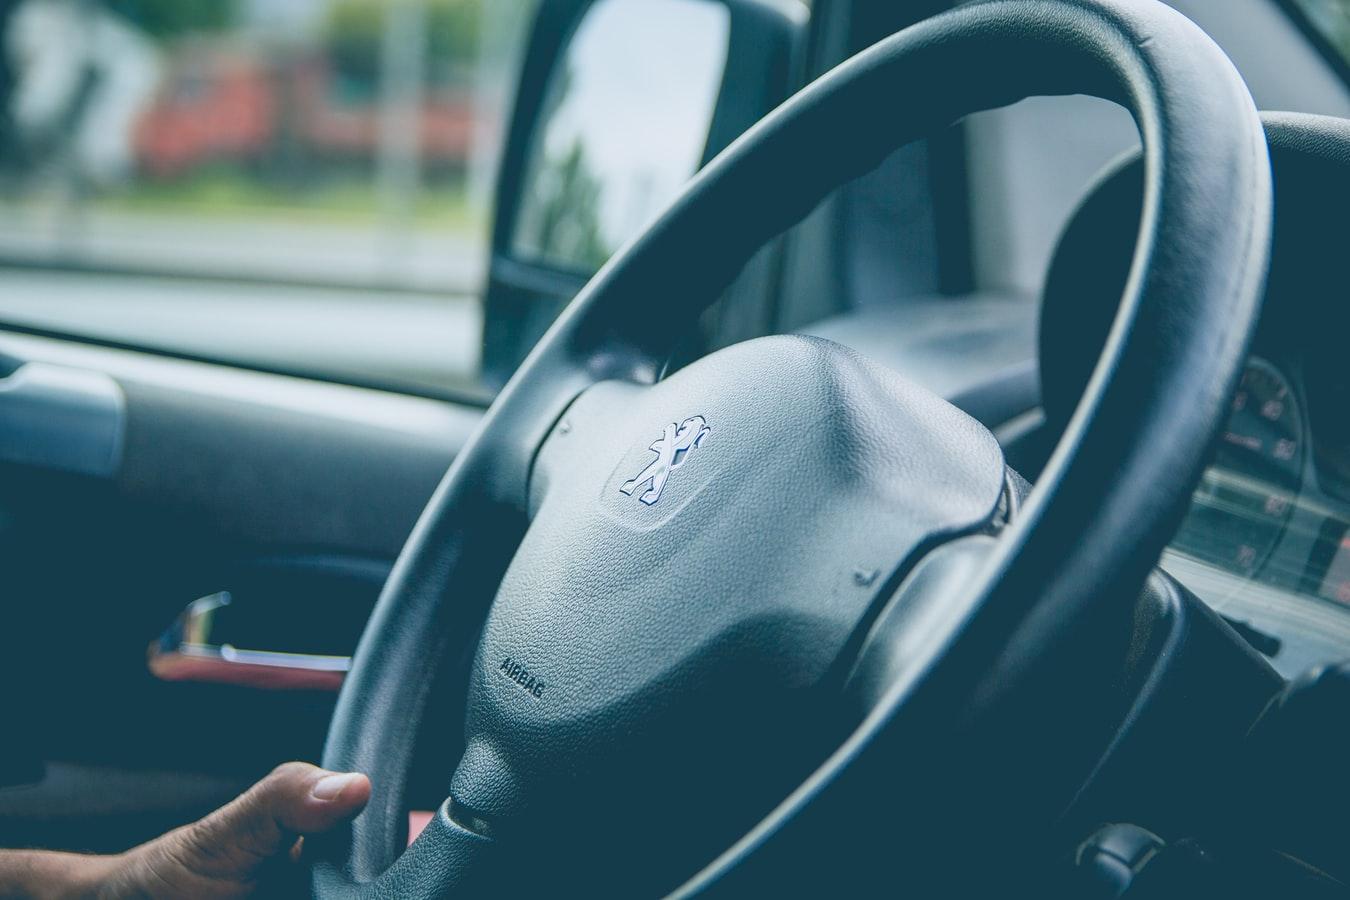 Peugeot steering wheel